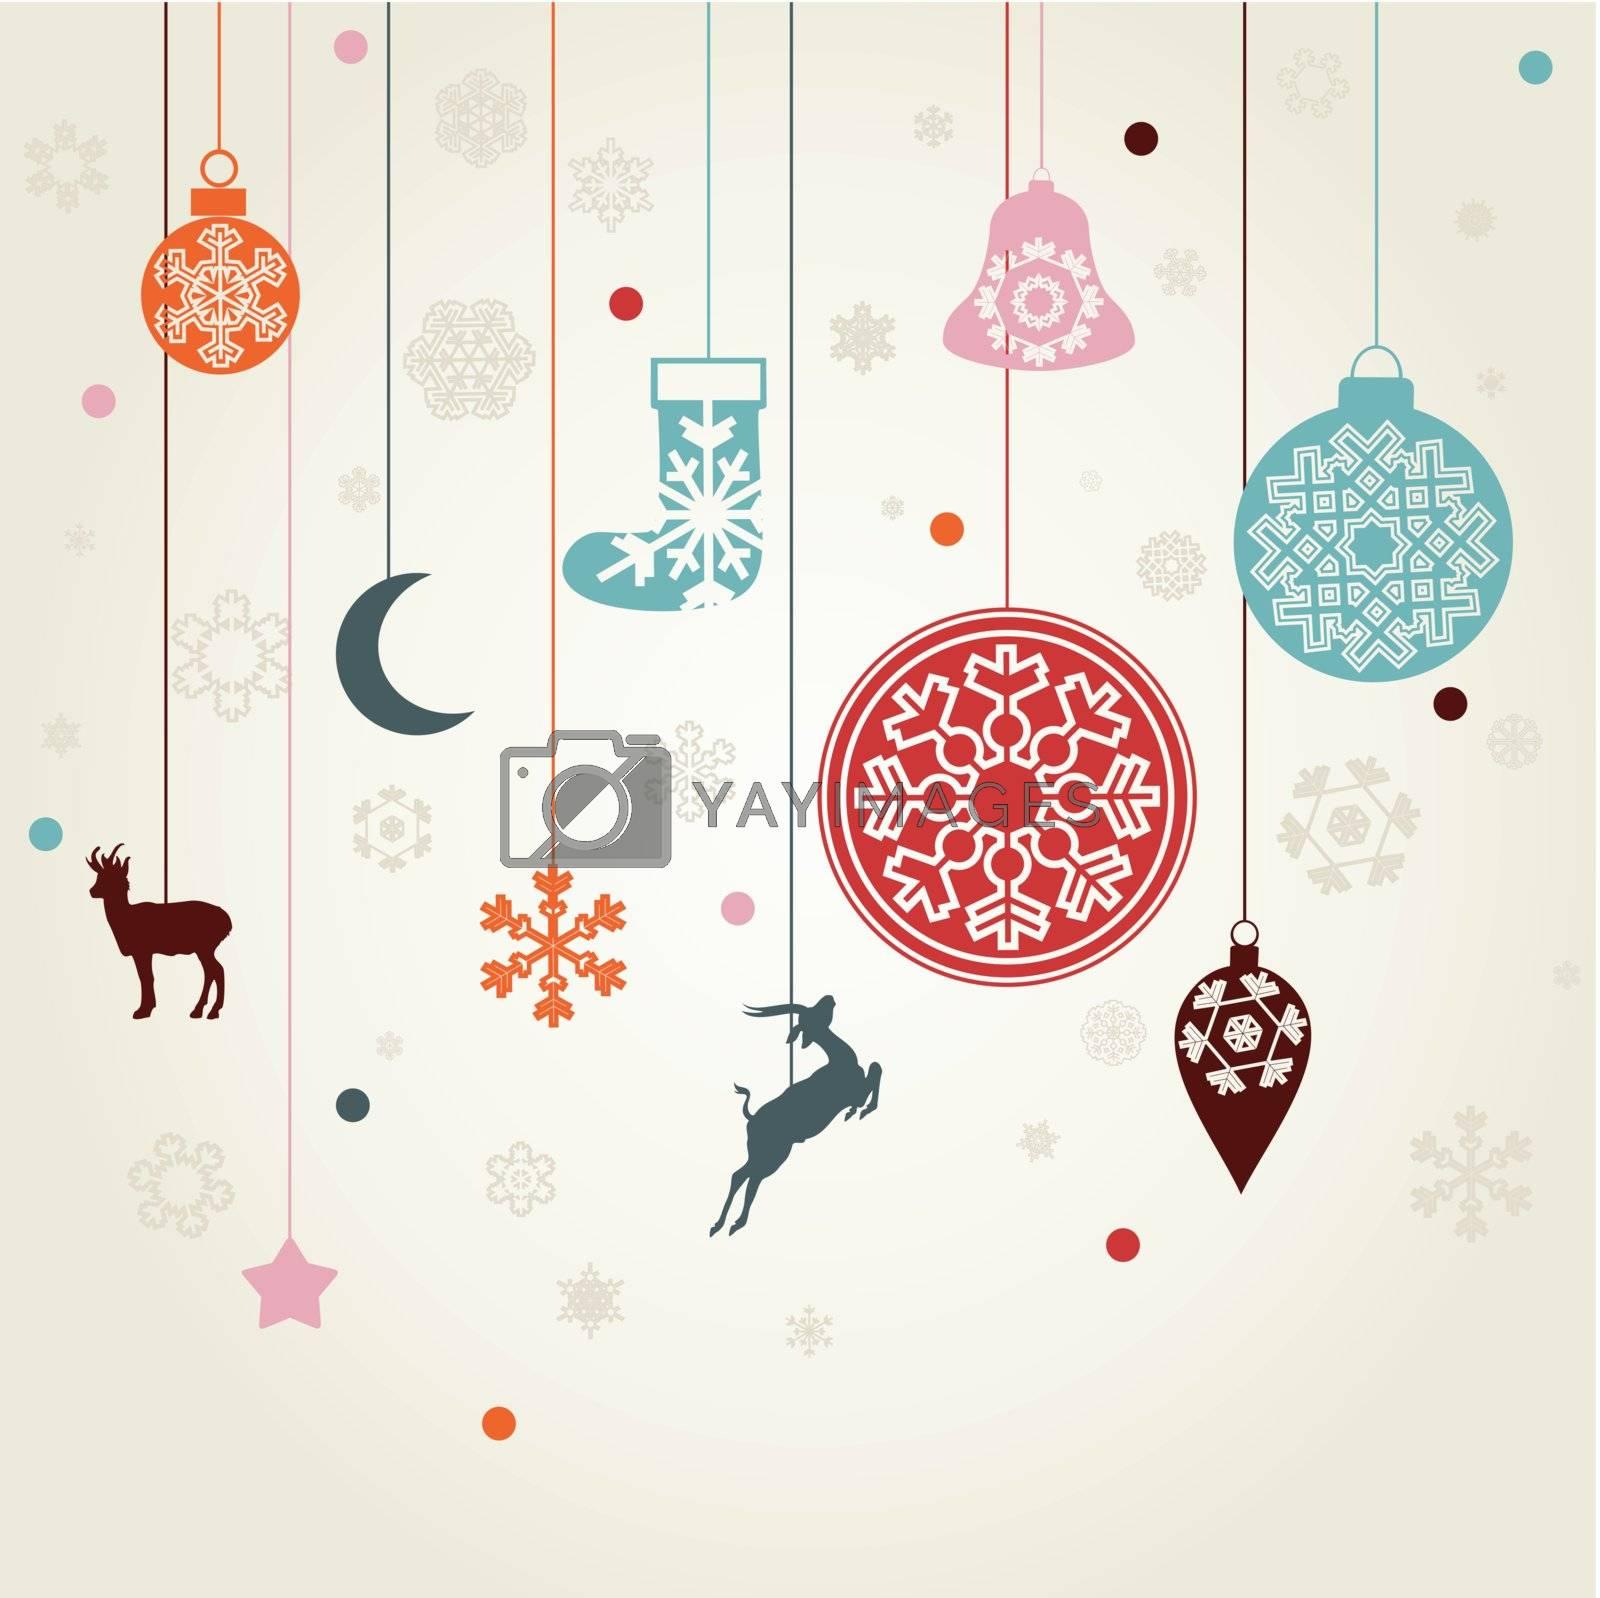 Christmas toys on threads. A vector illustration